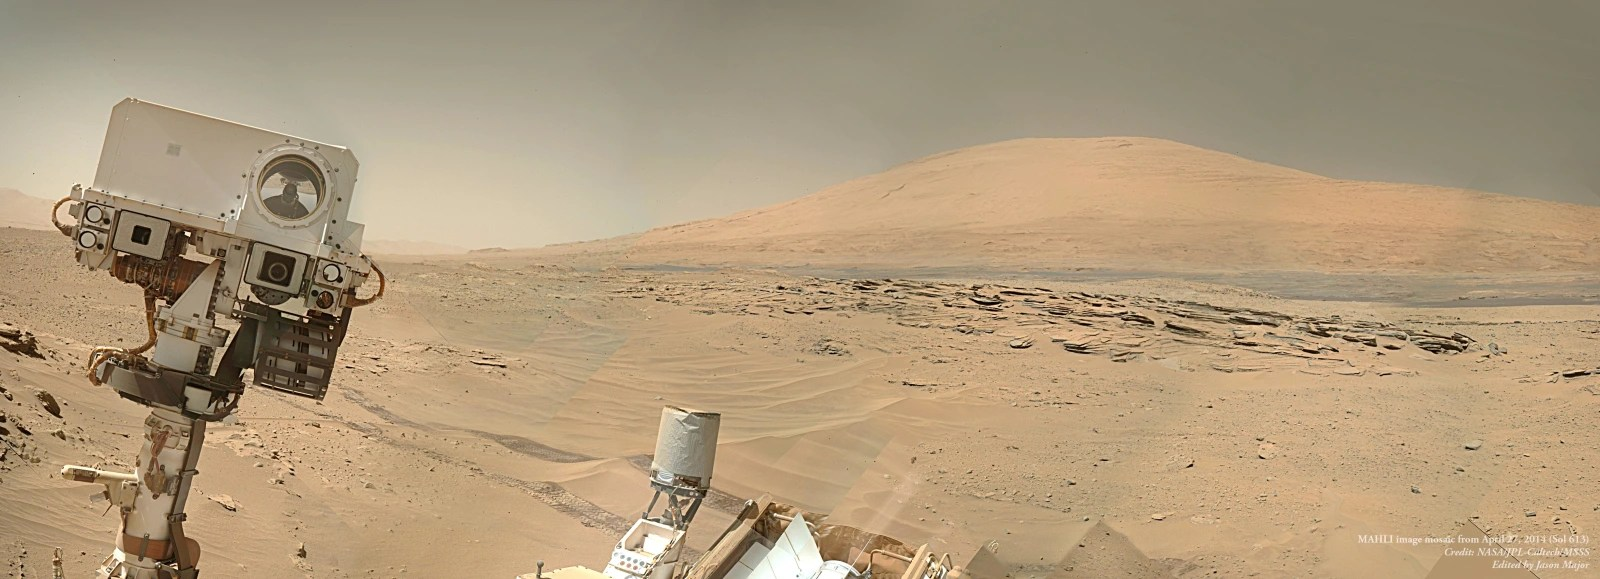 Image: Martian selfie